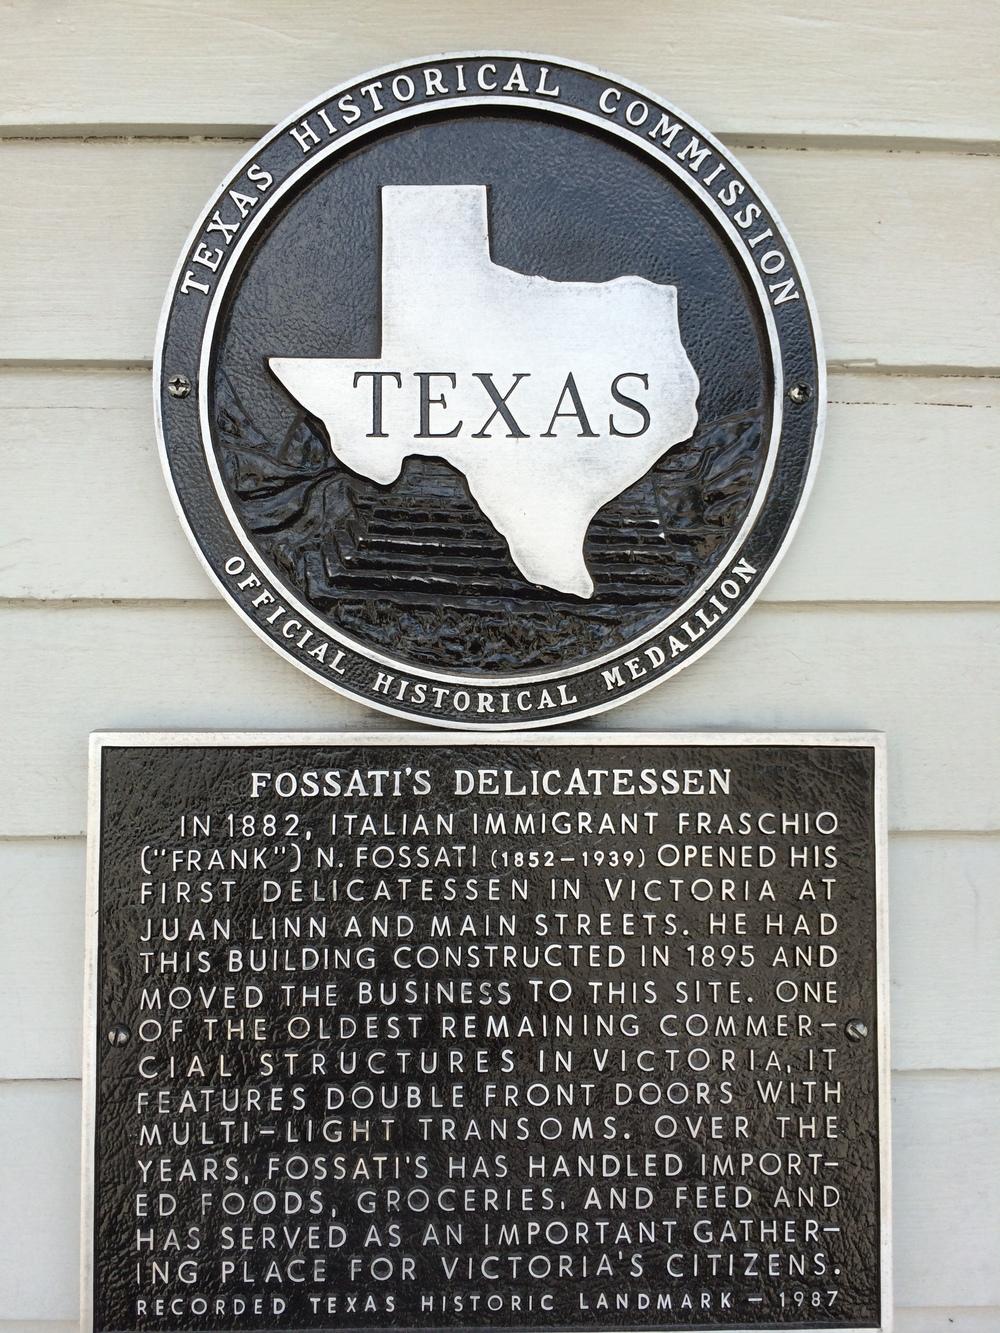 Fossati's Delicatessen in Victoria, TX